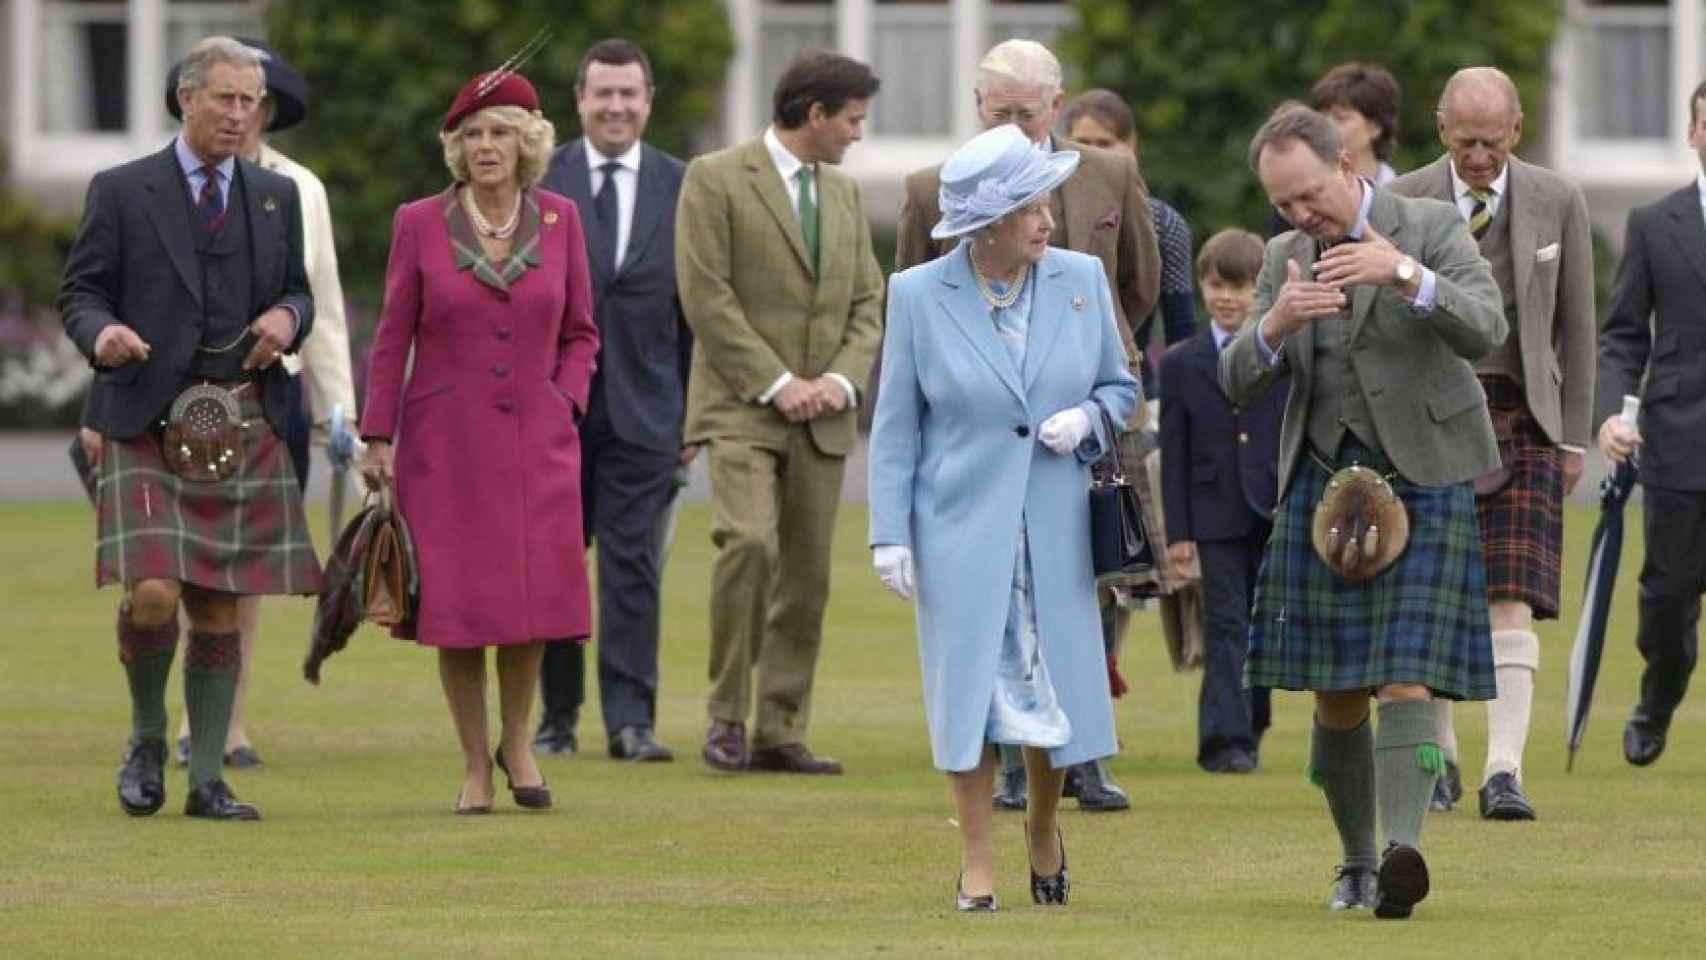 Isabel II en Balmoral con Carlos de Inglaterra, Camila Parker y Felipe de Edimburgo